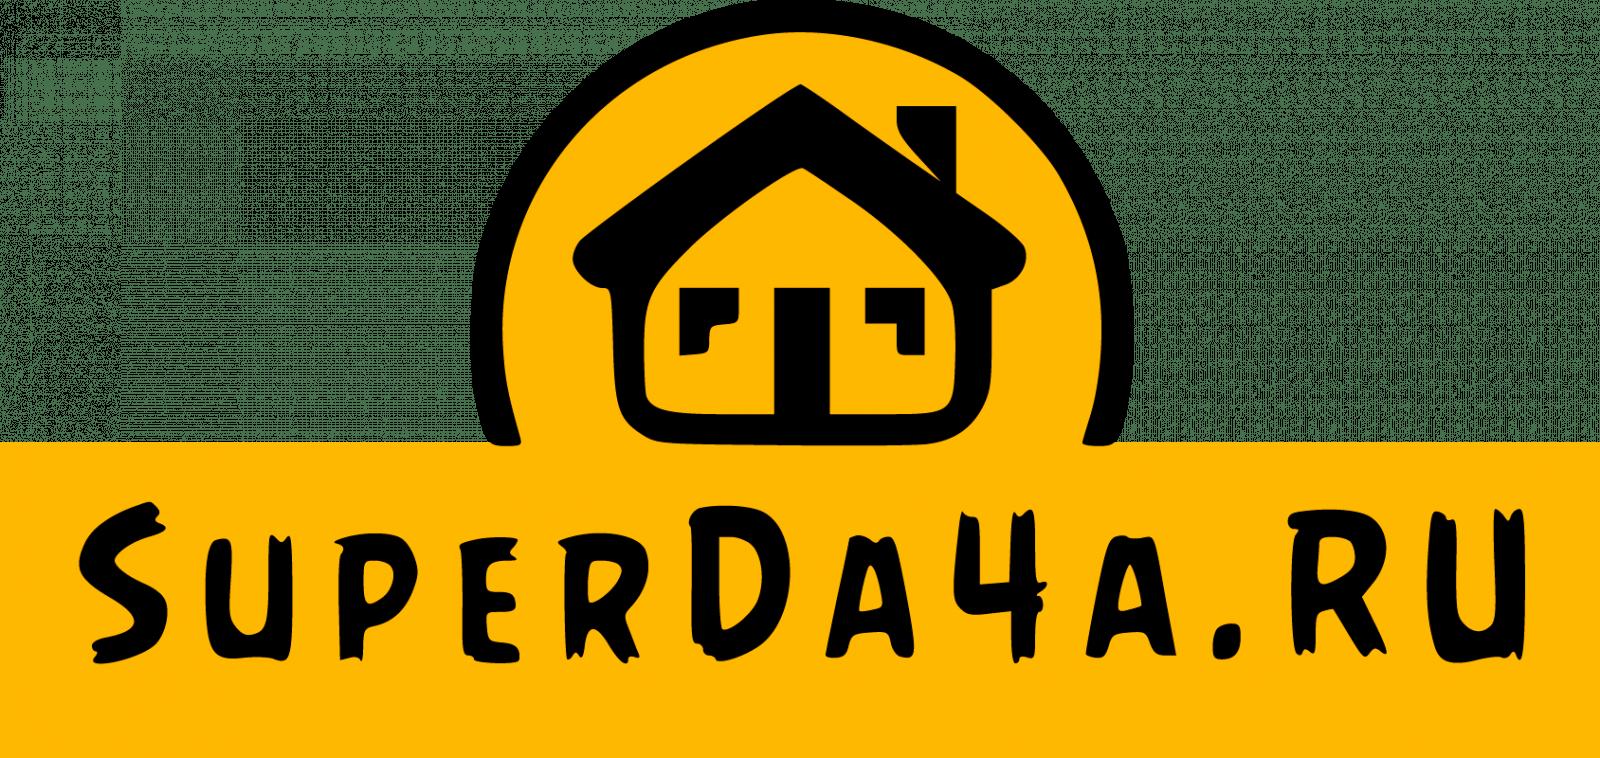 SuperDa4a.ru - Интернет магазин необходимых вещей